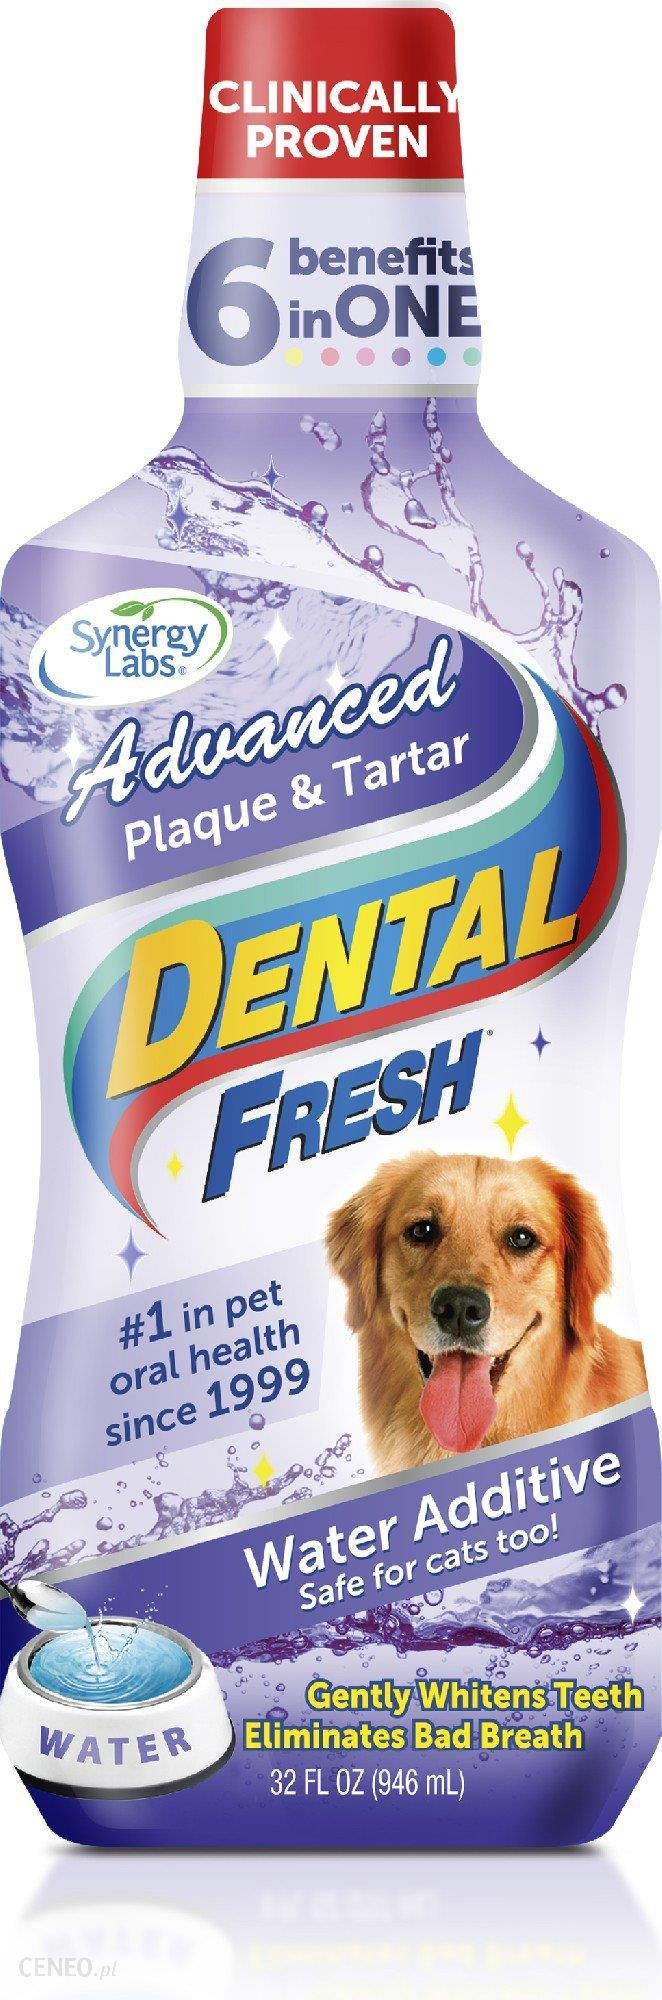 Synergy Labs Dental Fresh Kamień & Osad 1L